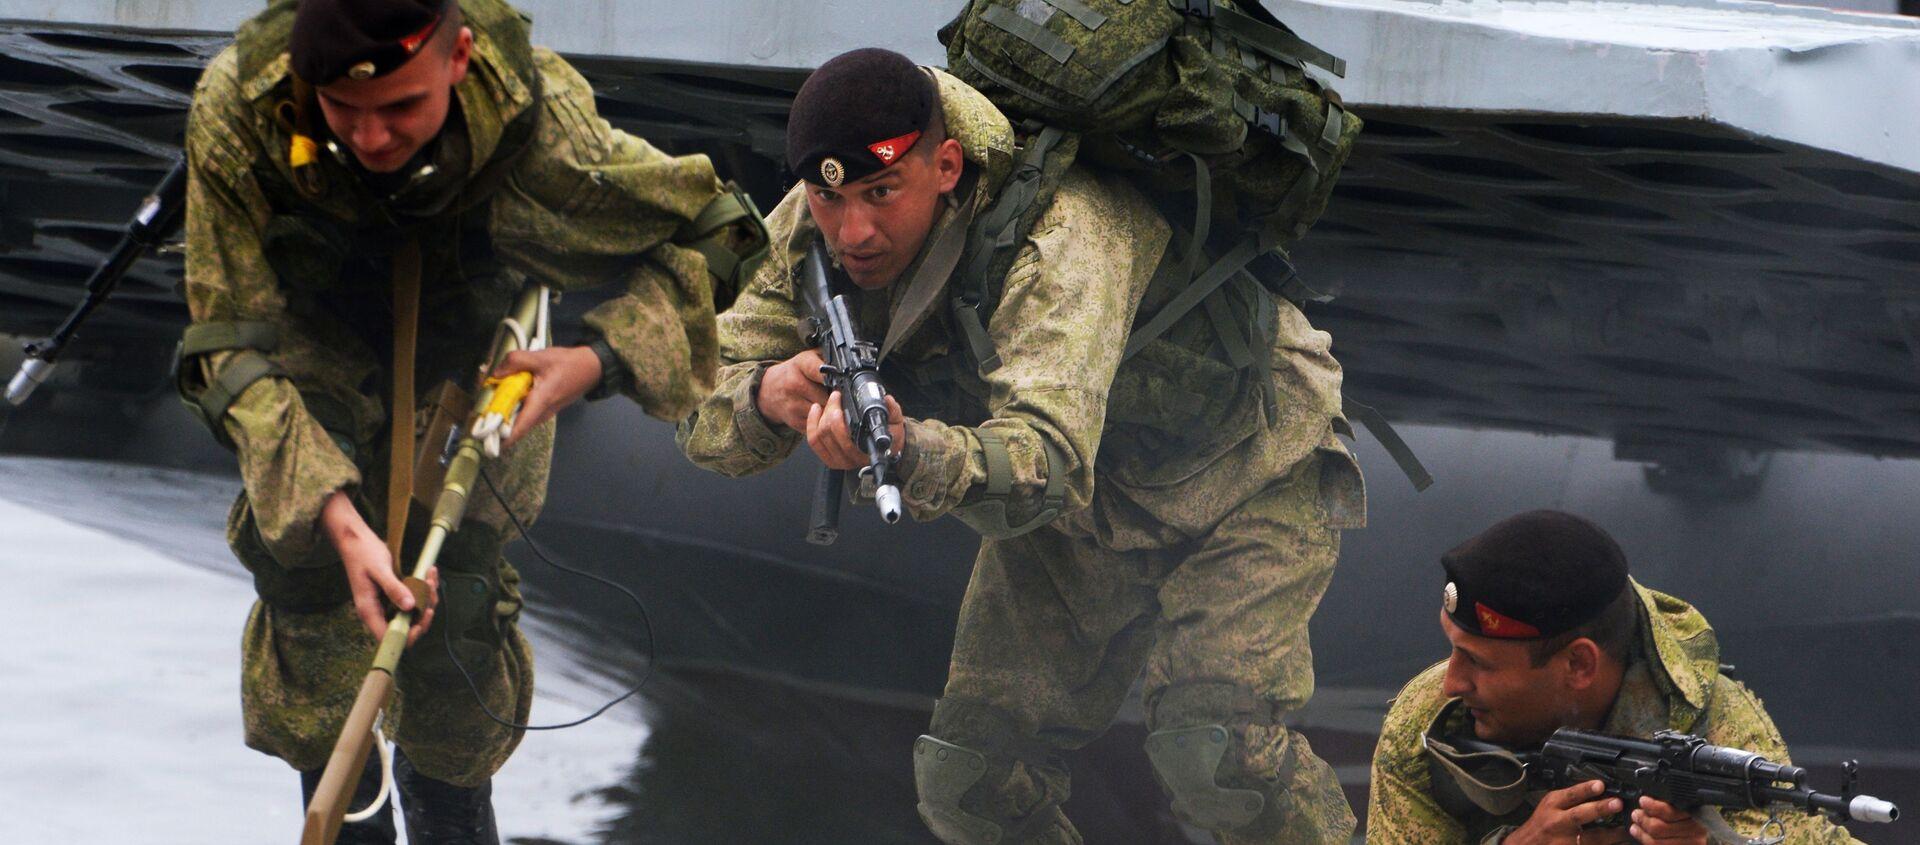 Czarne berety to szczególny rodzaj wojsk brzegowych Marynarki Wojennej Rosji - Sputnik Polska, 1920, 03.12.2020